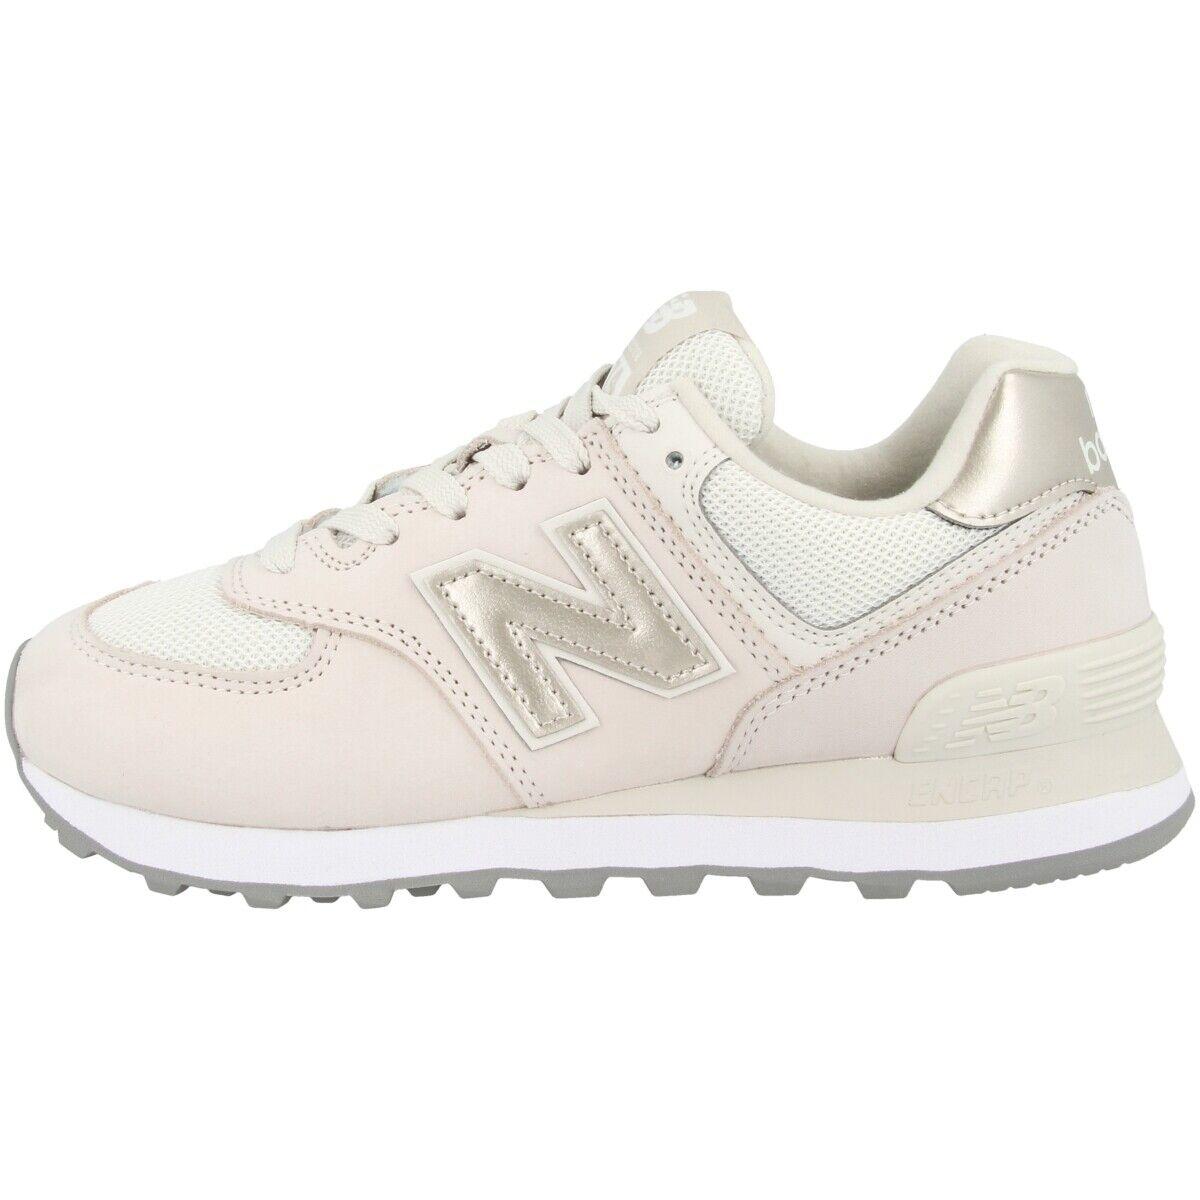 New balance wl 574 wno zapatos woman sport zapatos moonbeam Champagne wl574wno